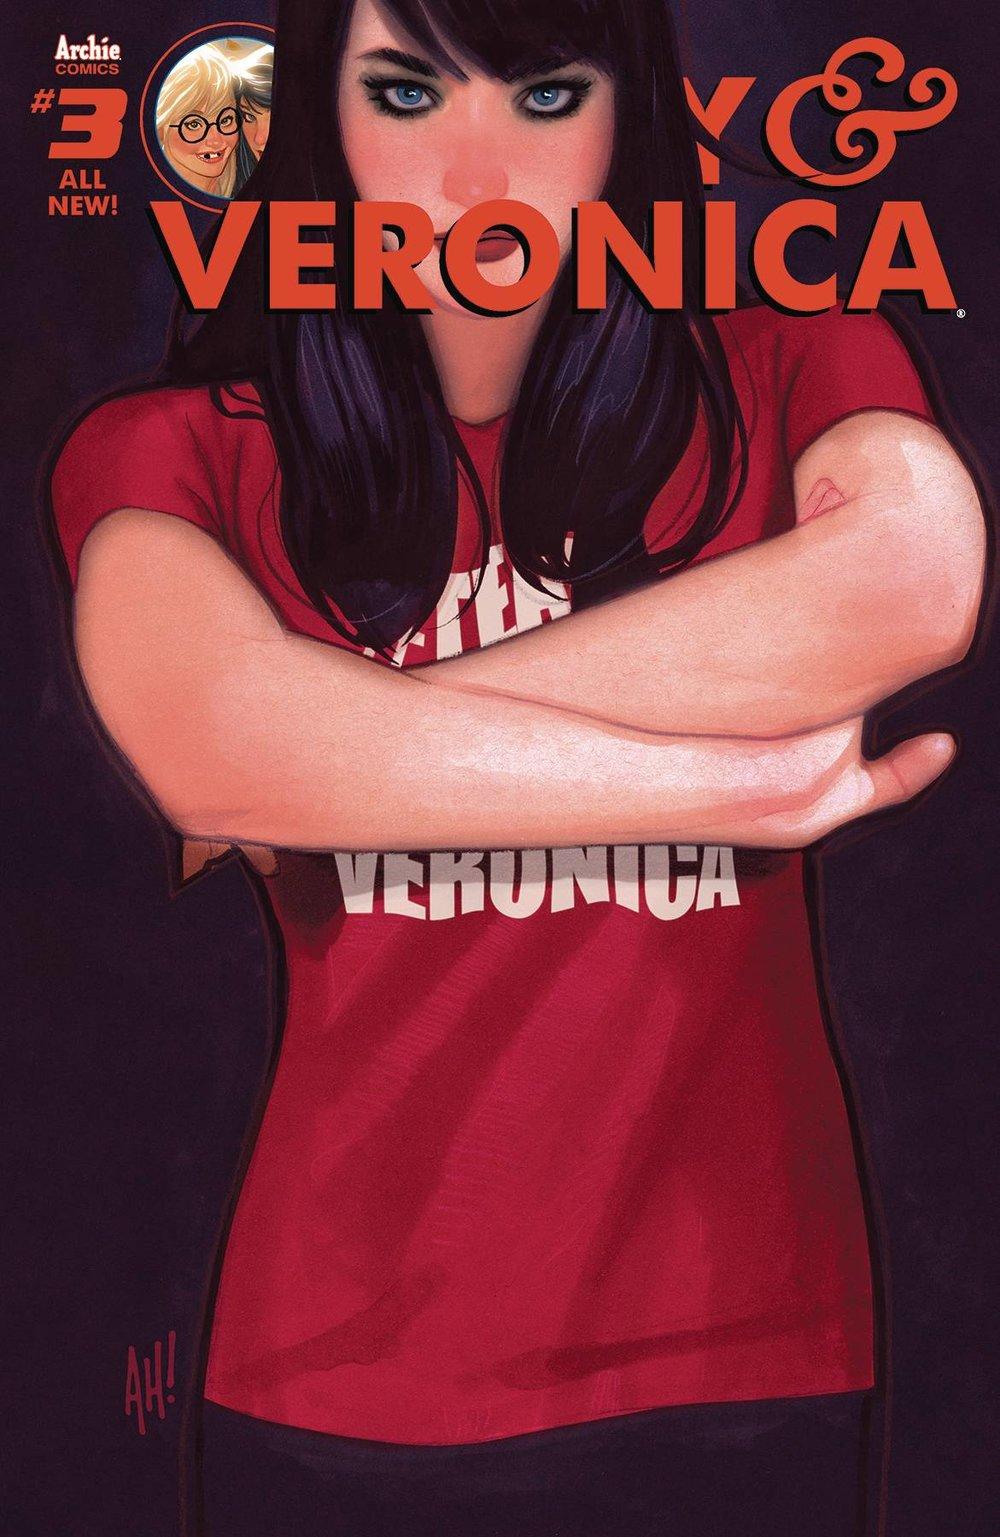 BETTY+&+VERONICA+BY+ADAM+HUGHES+3+CVR+B+VAR+ADAM+HUGHES+VERONICA.jpg